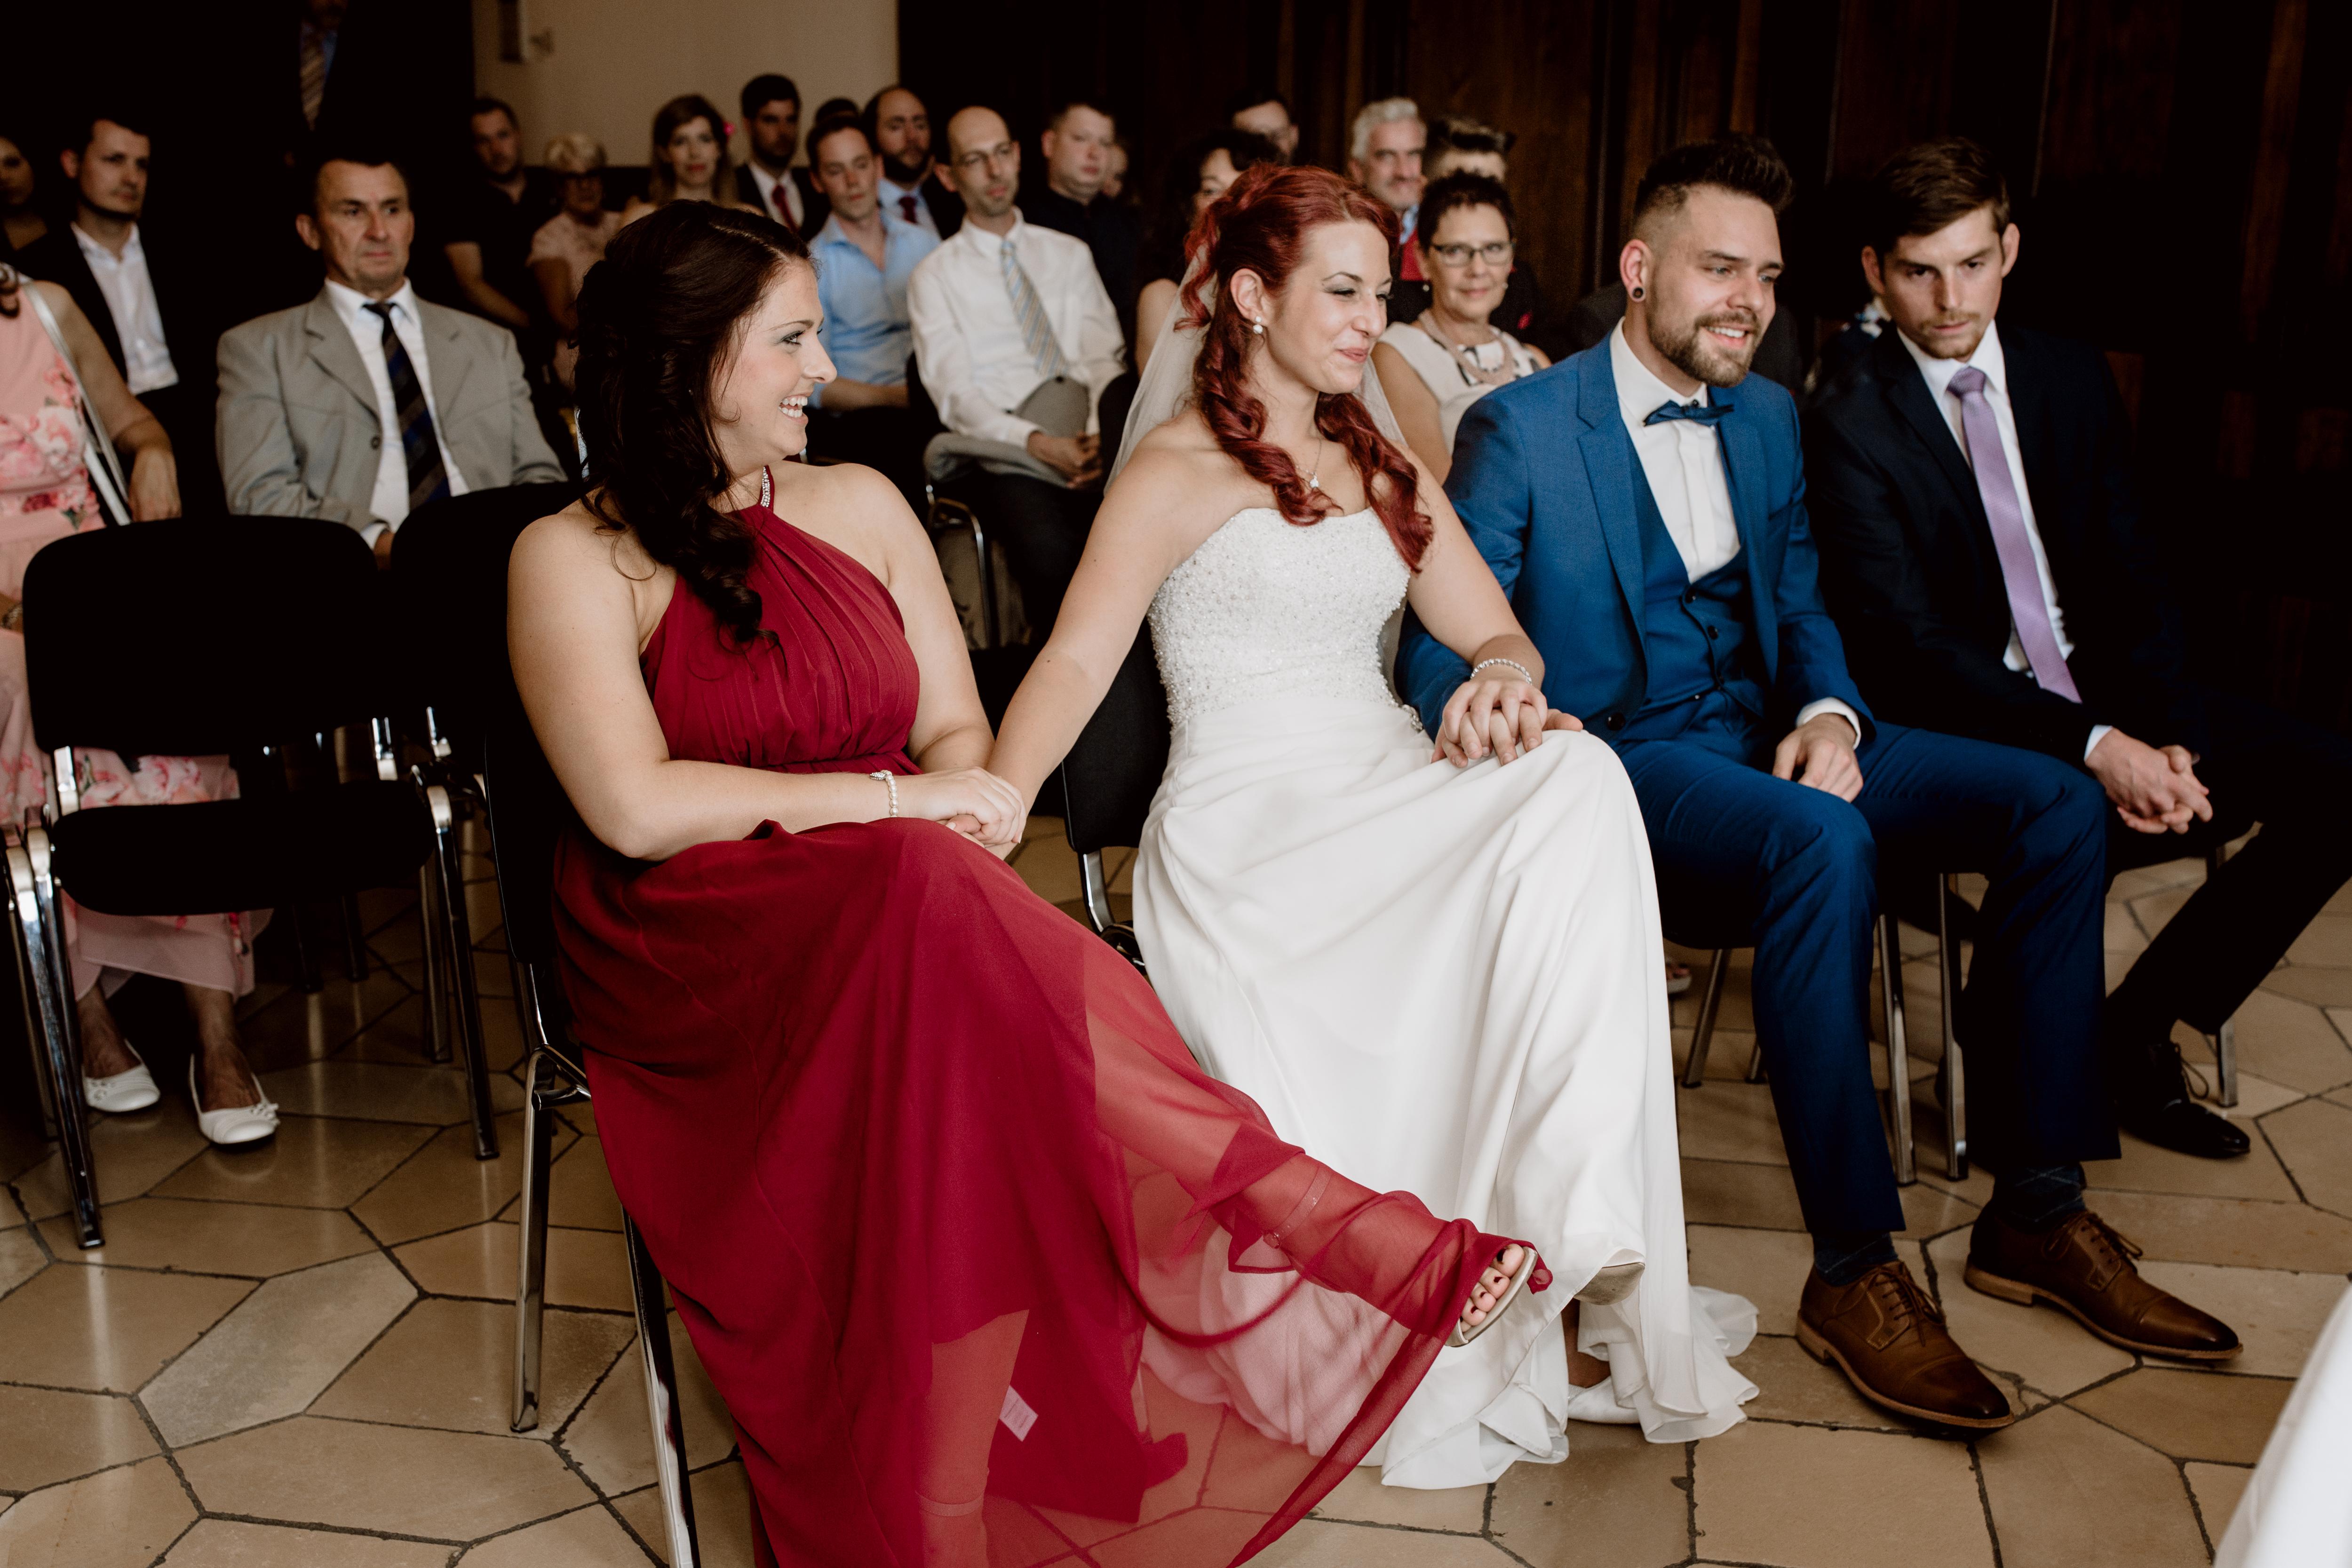 URBANERIE_Hochzeitsfotografin_Nürnberg_Fürth_Erlangen_Schwabach_170630_0250